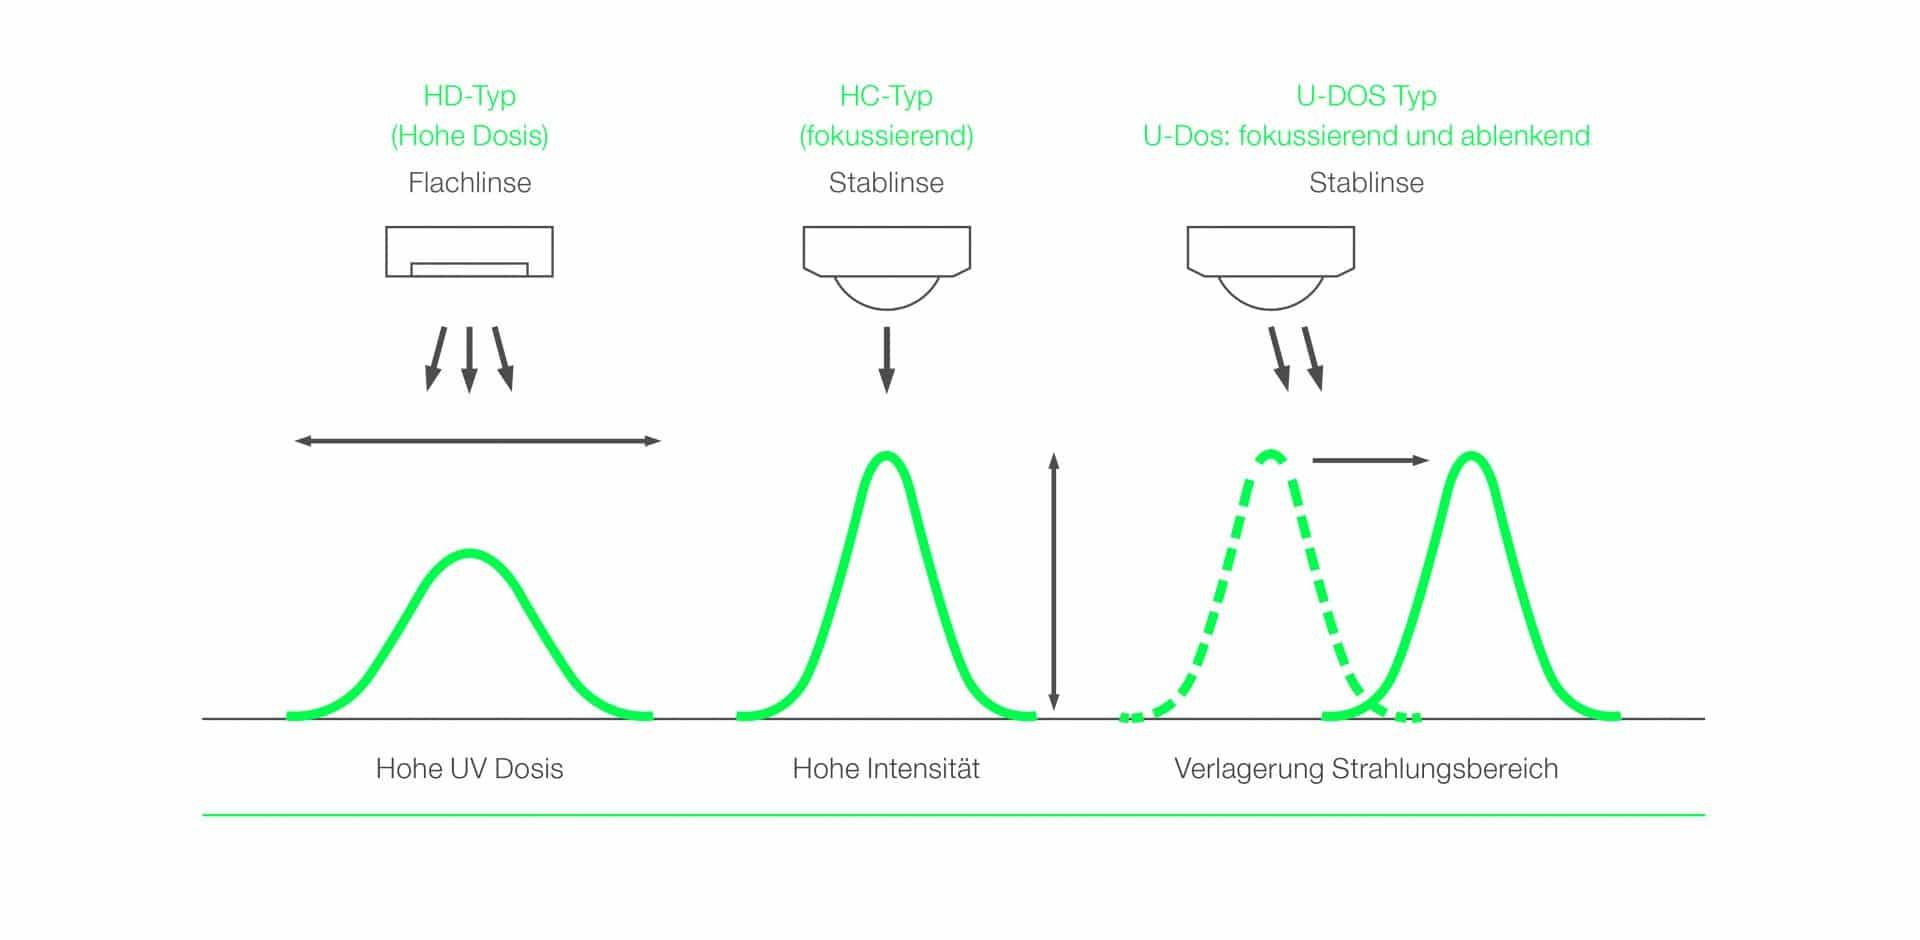 Die UniJet E-Serie bietet verschiedene optische Verteilungsmöglichkeiten zur Optimierung von Kundenanwendungen.